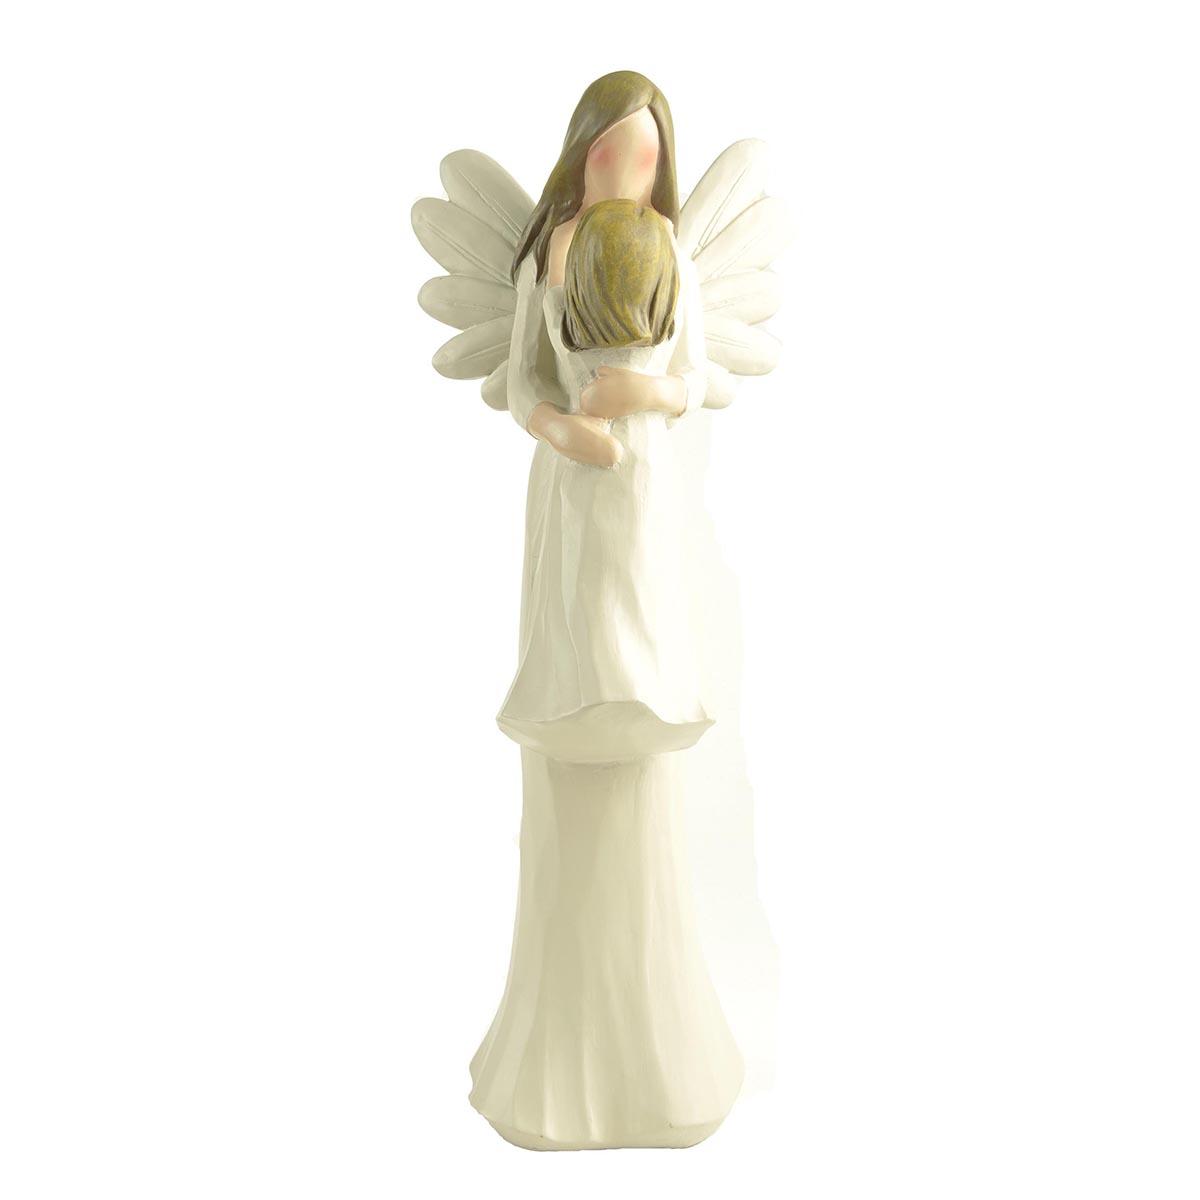 Ennas angel figurine handicraft at discount-1